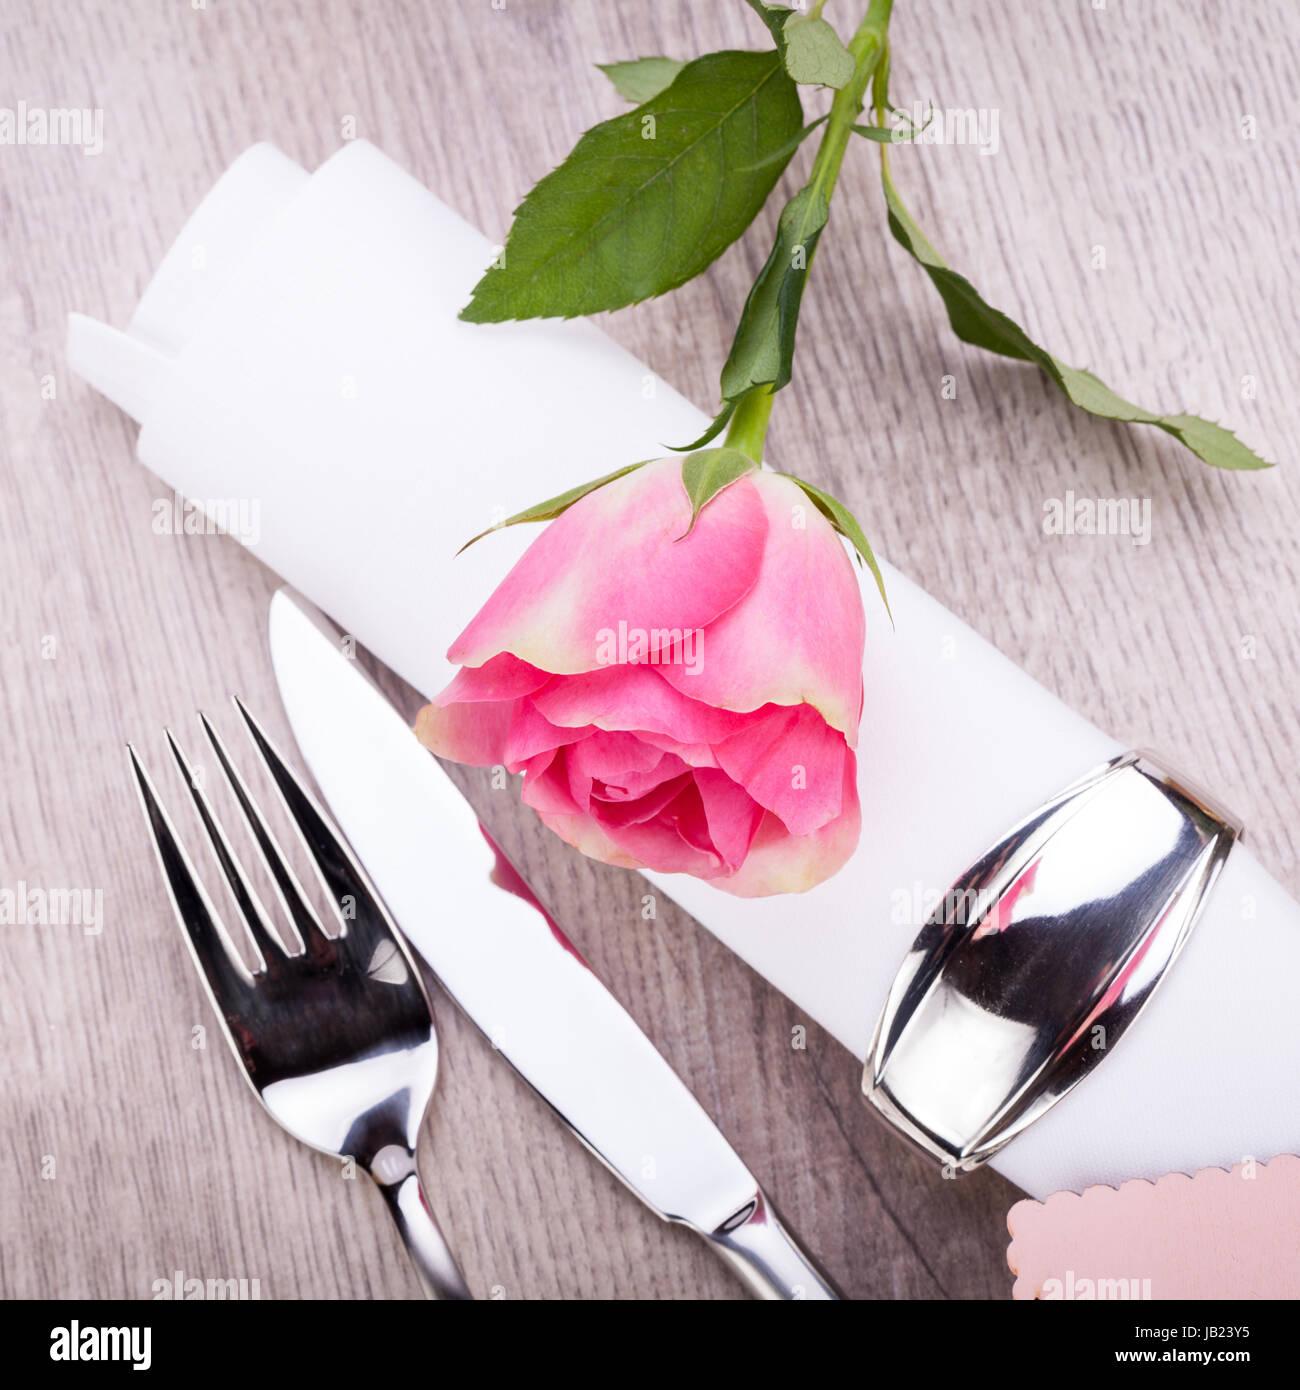 Romantisch Gedeckter Tisch Mit Silberbesteck Und Einer Rose In Rosa